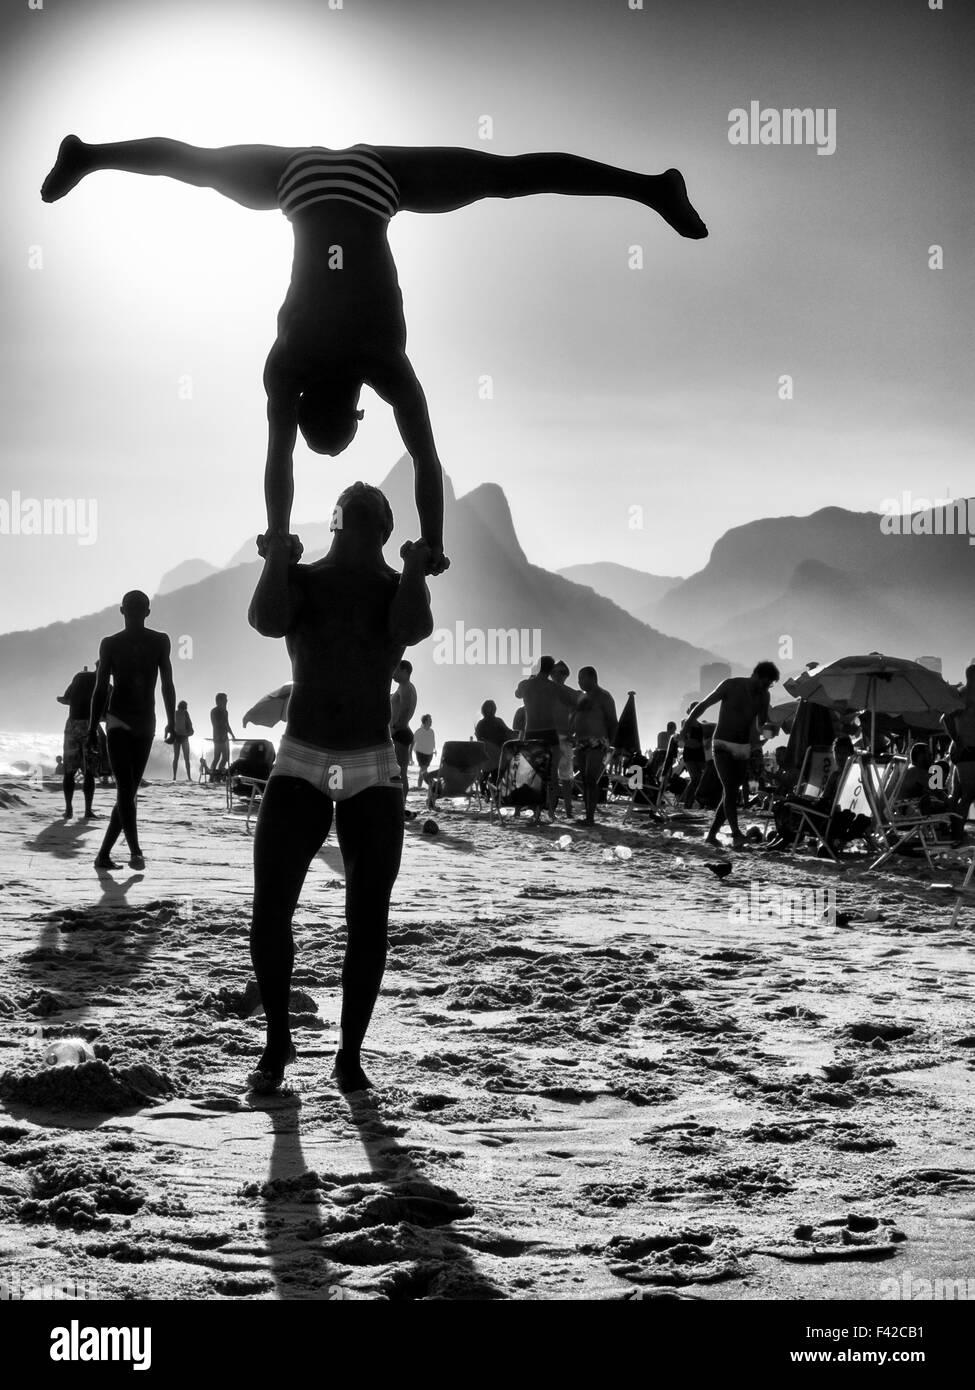 Silhouetten machen akrobatische Posen vor einer schwarz-weiß Sonnenuntergang Strand-Szene in Ipanema Strand Stockbild